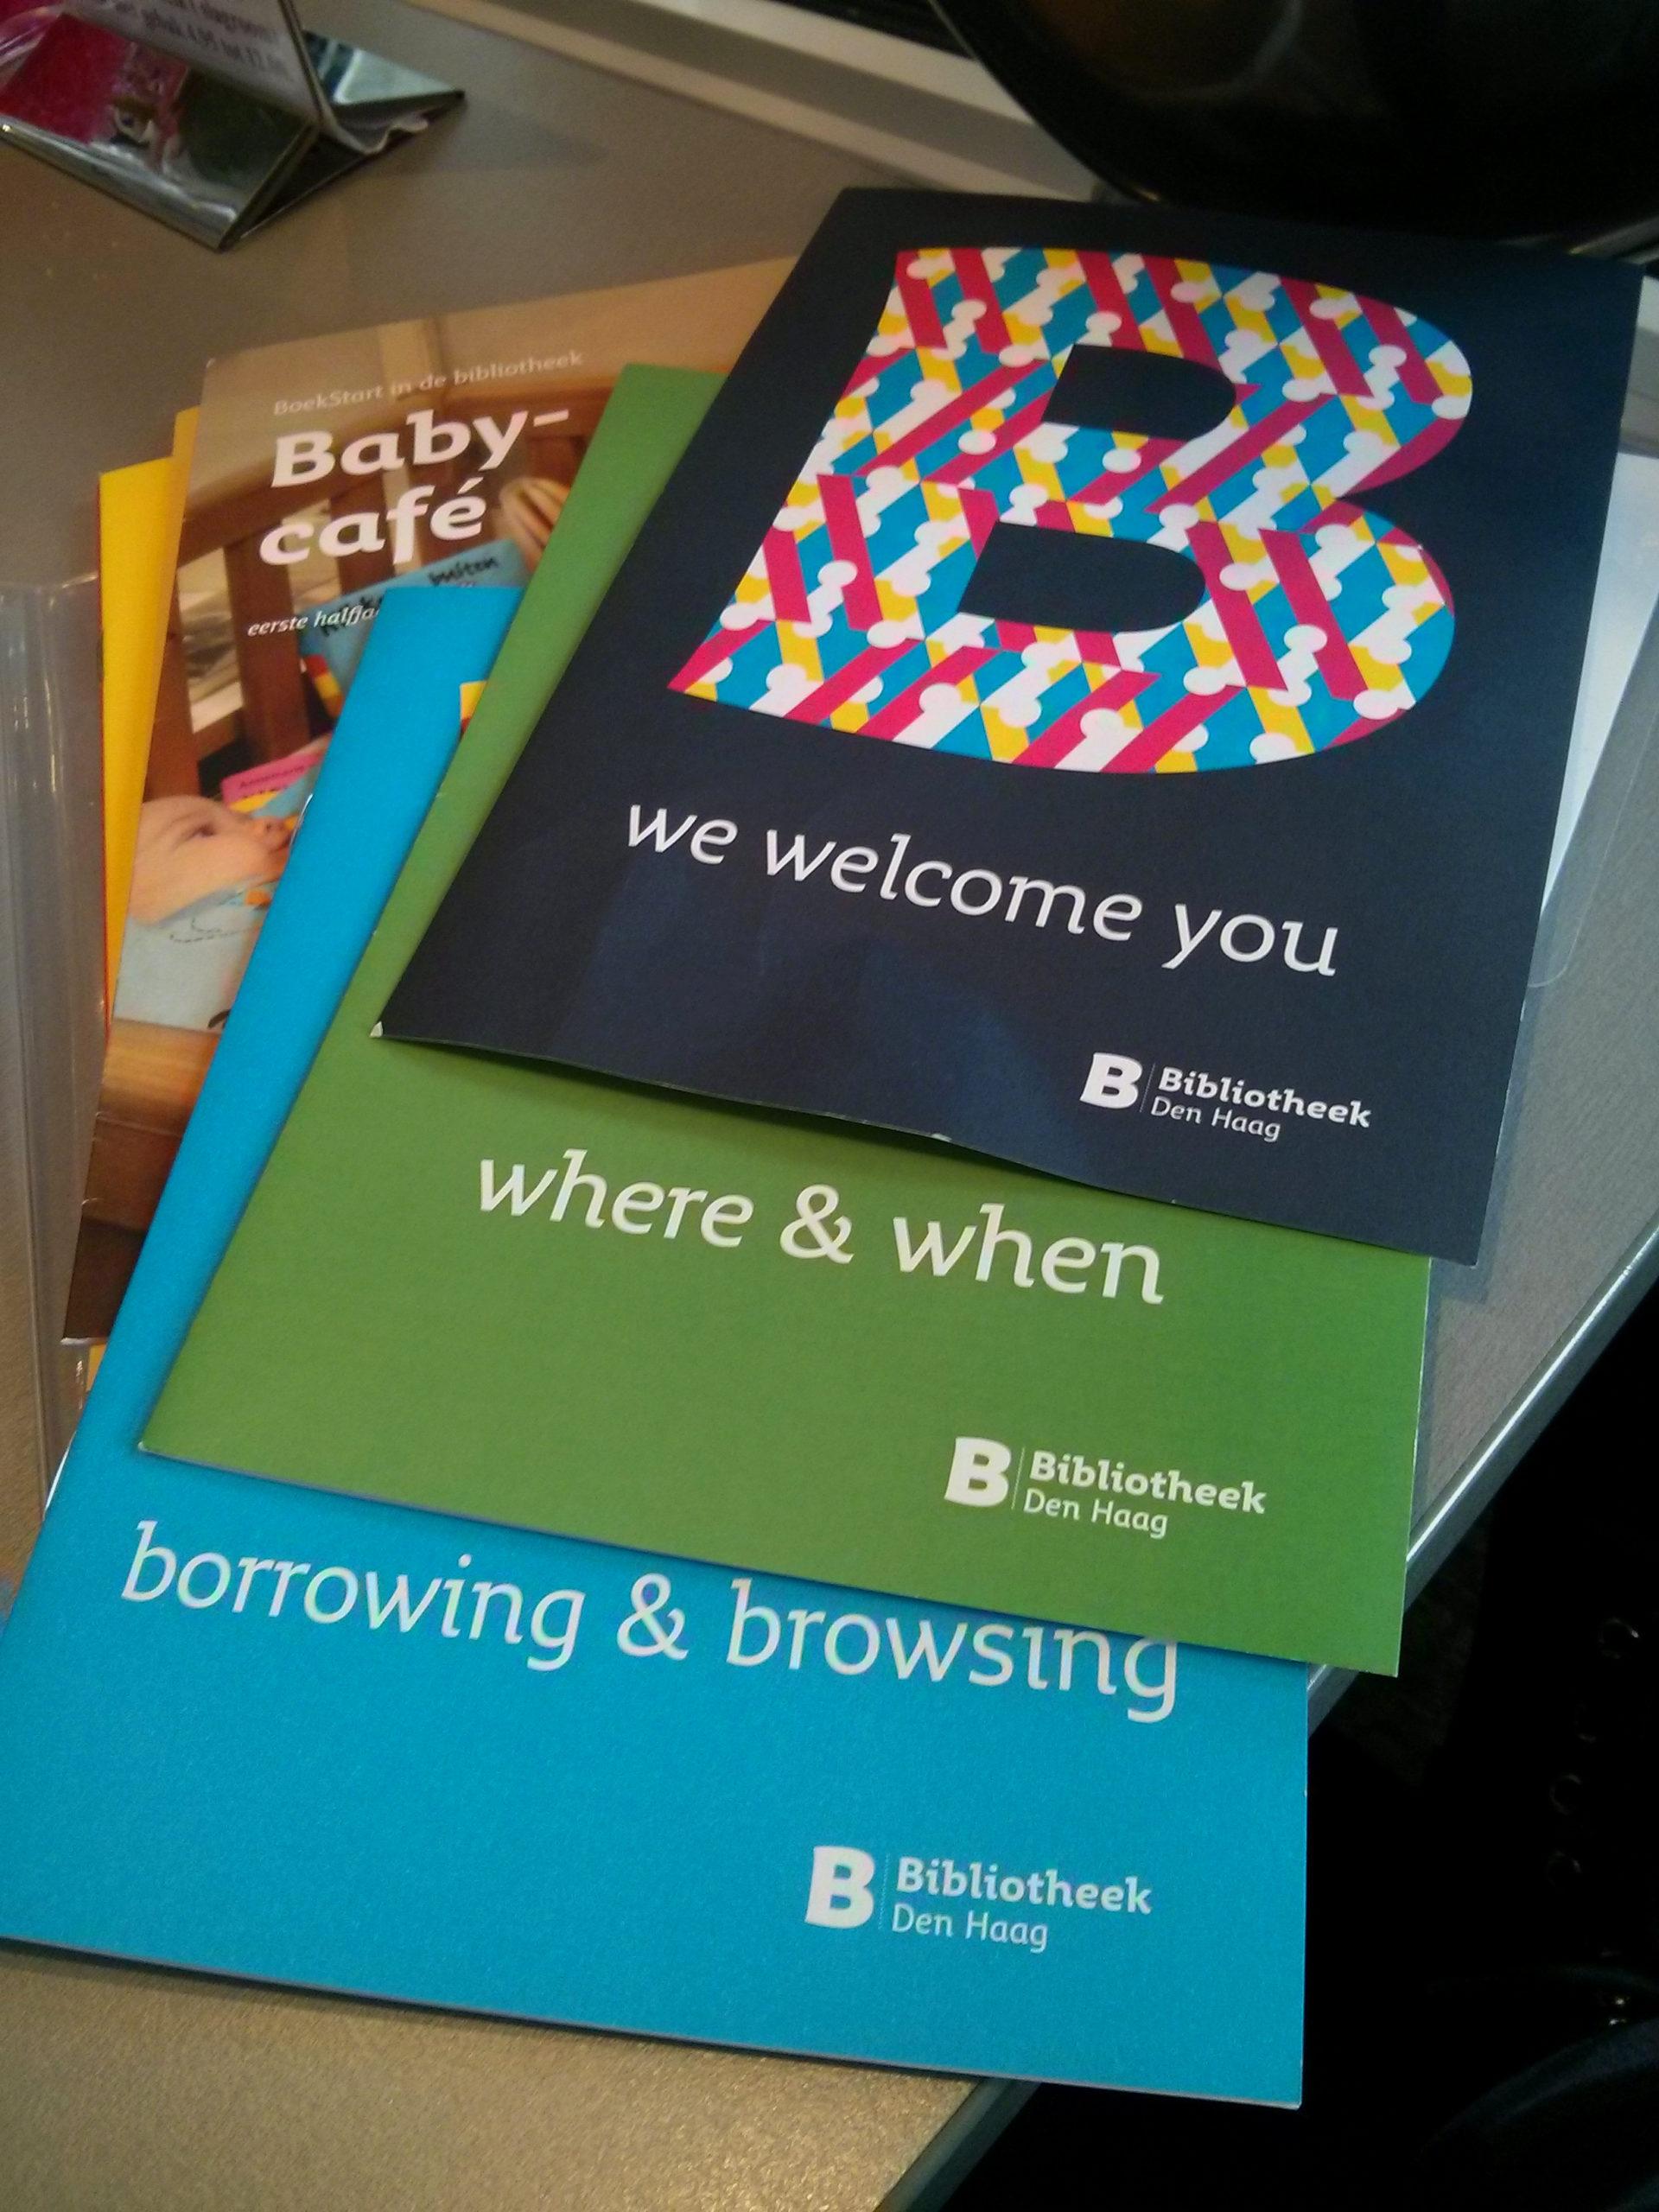 כל מה שרצית לדעת על הספרייה ולא העזת לשאול בהולנדית (אז יש גם באנגלית)